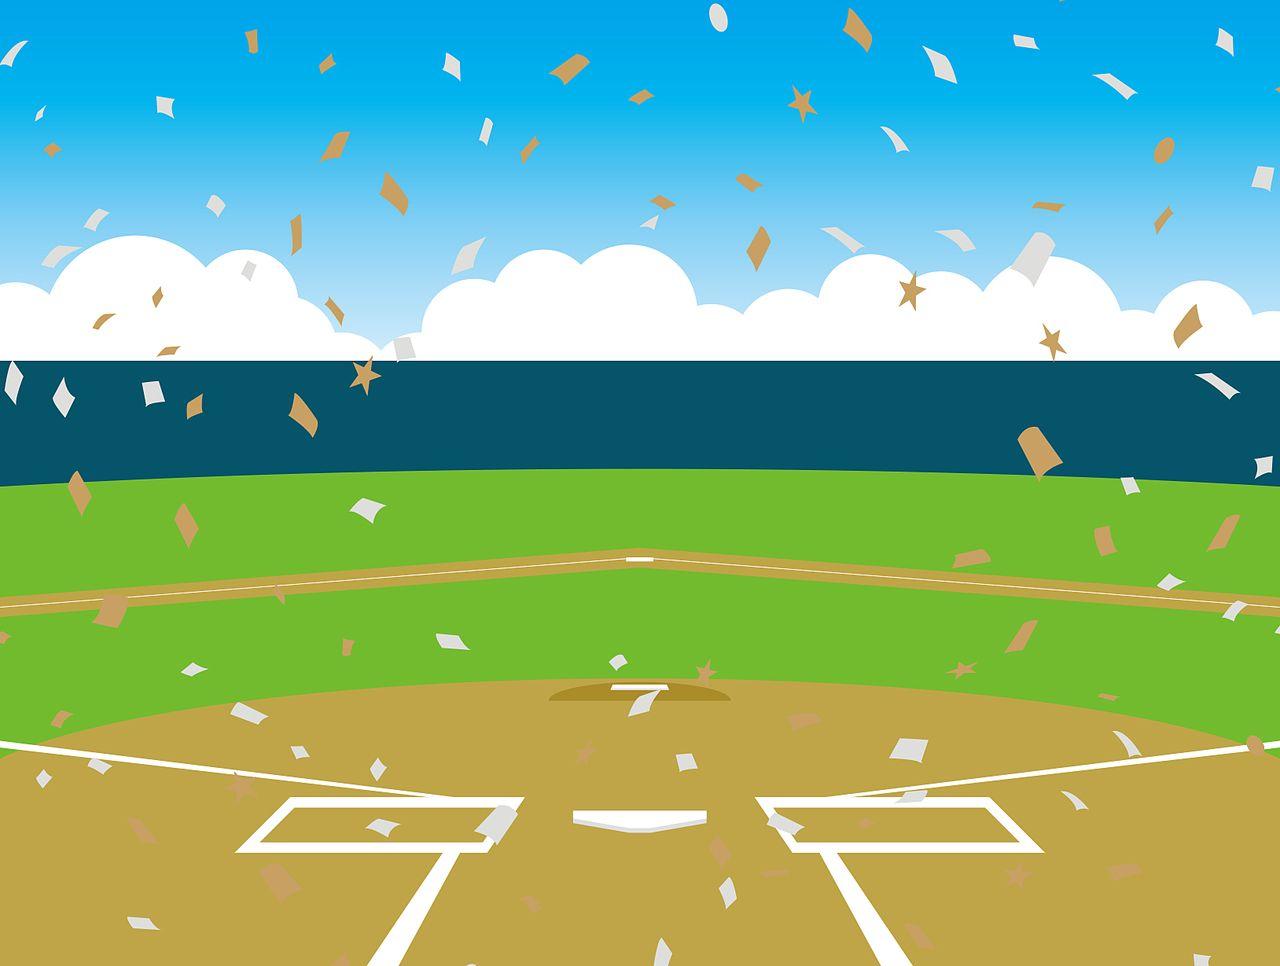 11月6日の「MLB.jp」に面白い記事がありました。「1イニングに単打2本、二塁打1本、三塁打3本を打たれて無失点!?」という記事です。※元ネタのリンクを貼っておきました。自分なりに、必死になって考えまし…